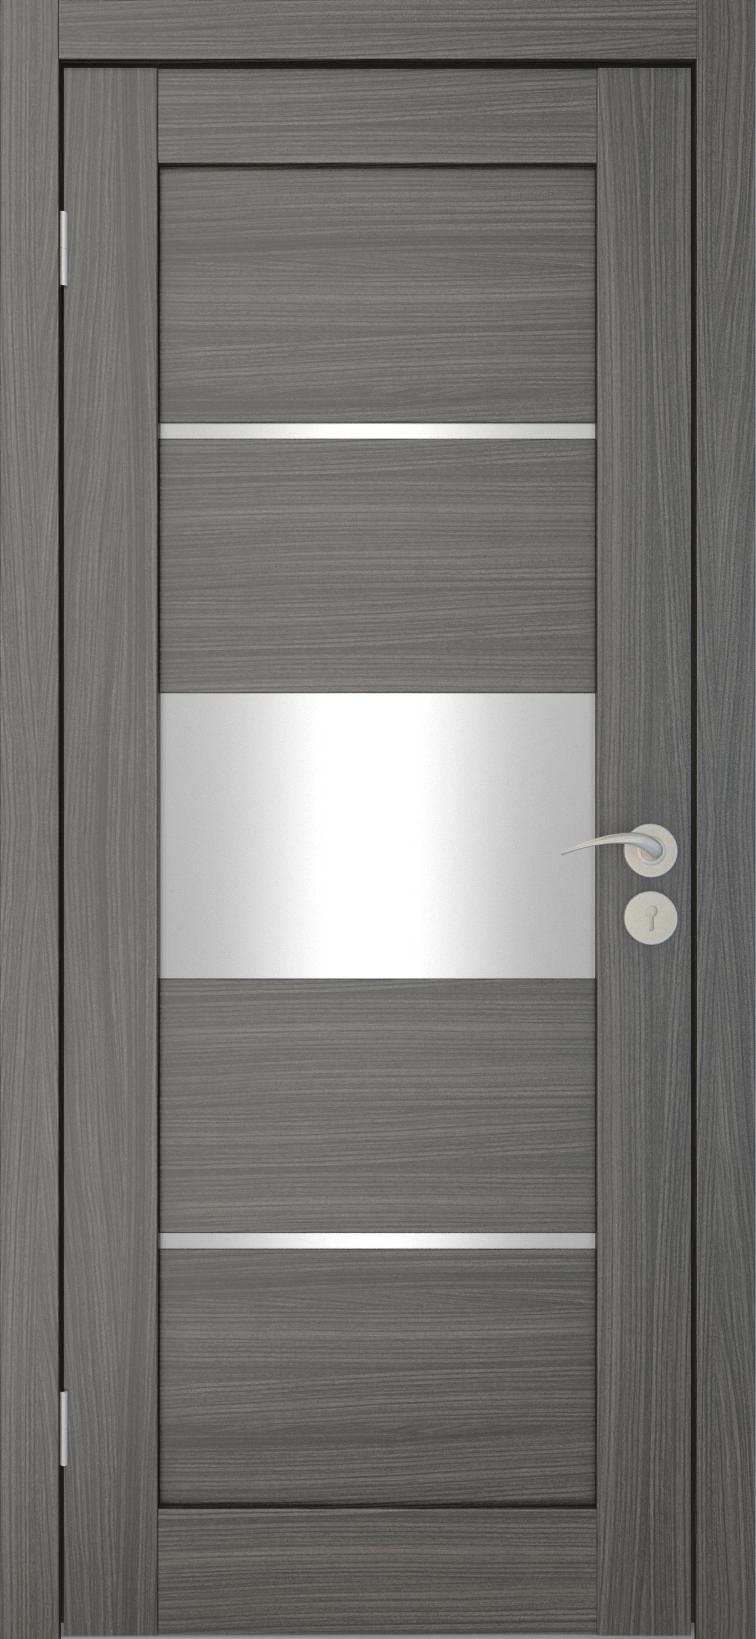 Дверь Горизонталь—3